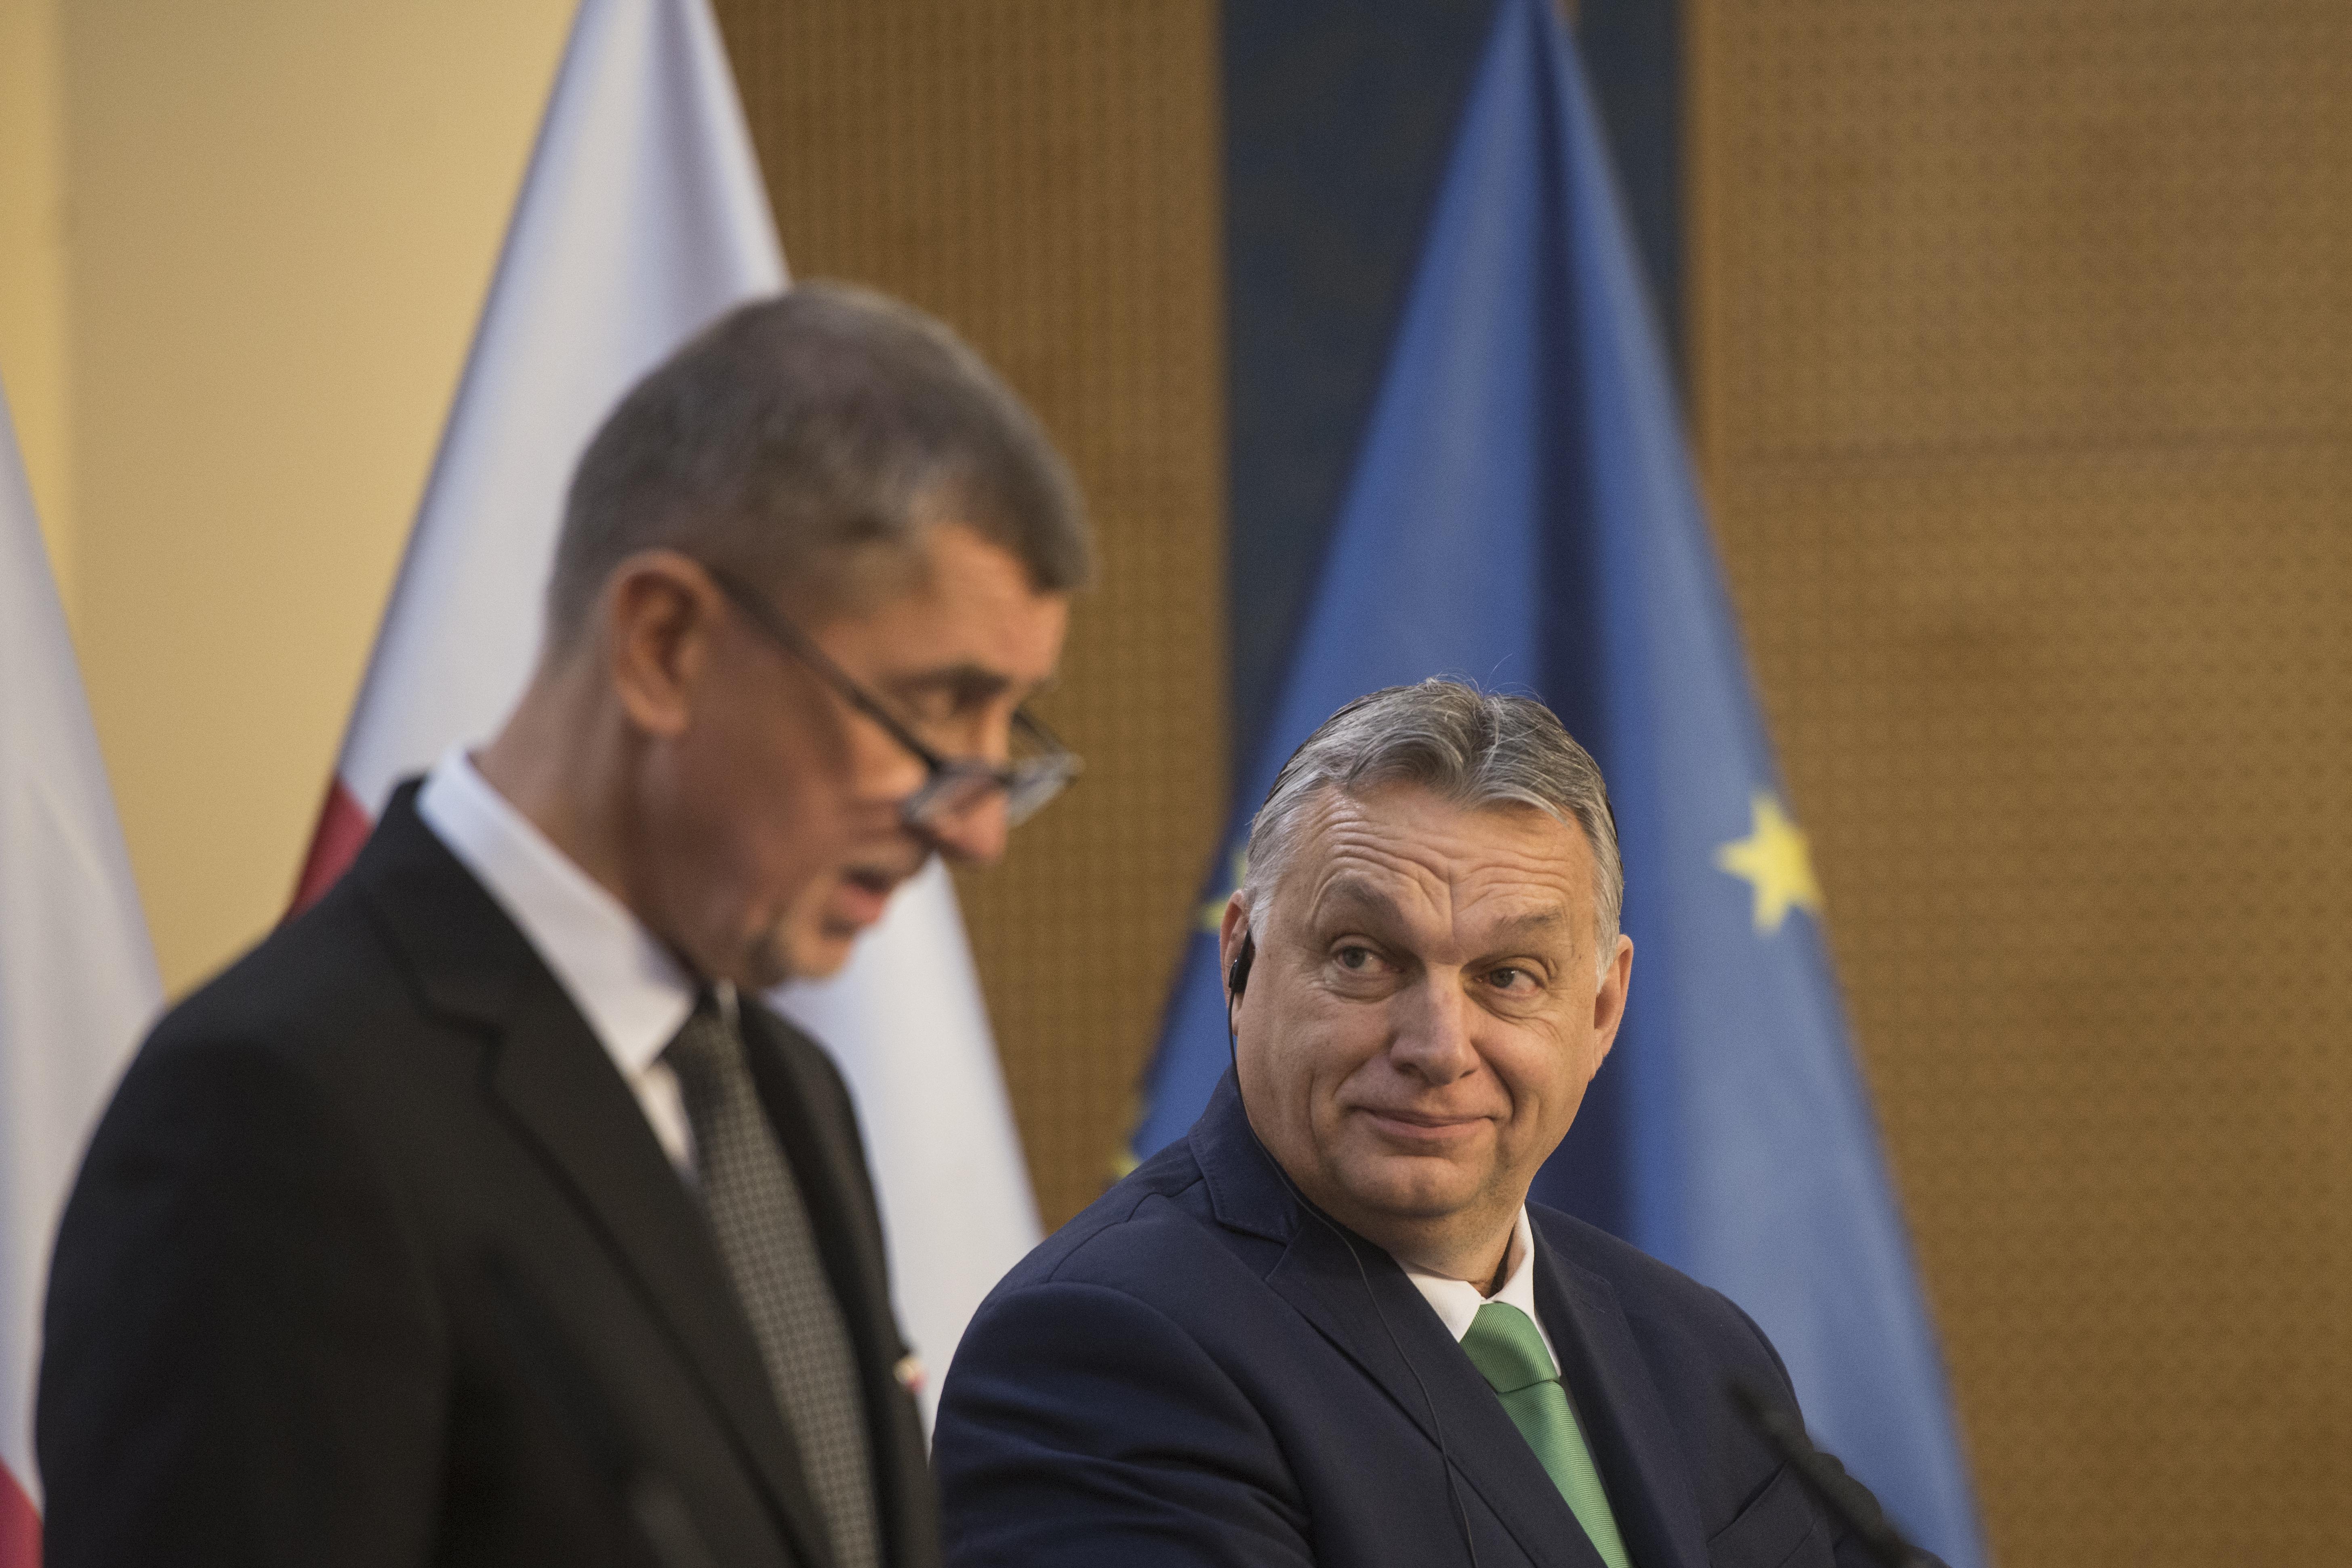 Csehország további 200 ezer vakcinát kér kölcsön a magyar kormánytól